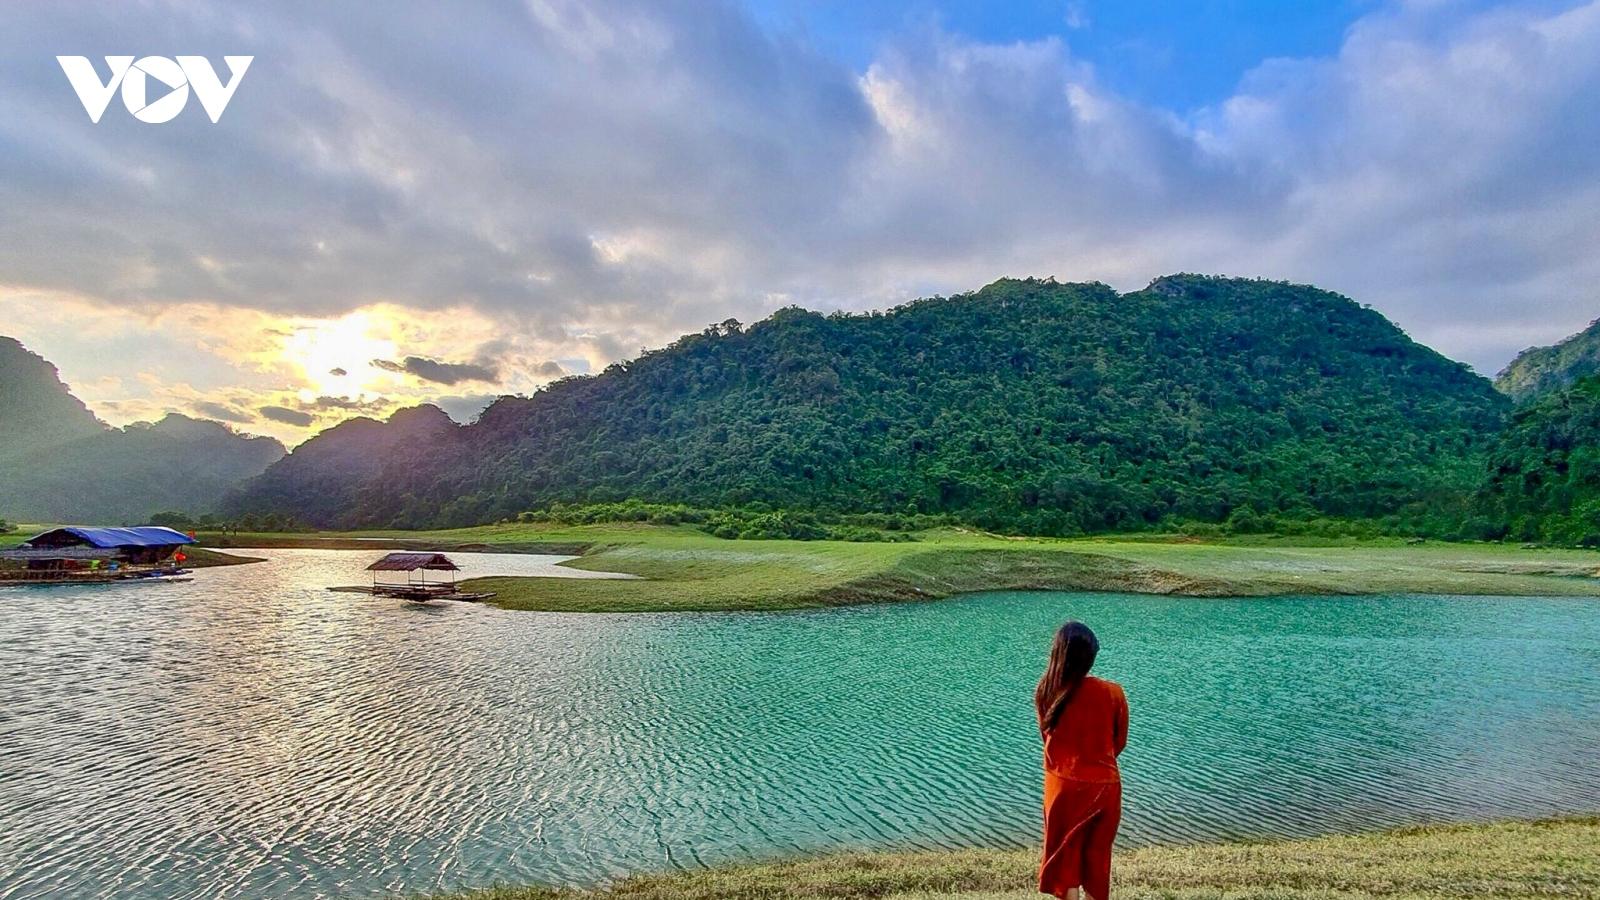 Khám phá thảo nguyên xanh Hữu Liên bình yên, đẹp lạ ngay gần Hà Nội